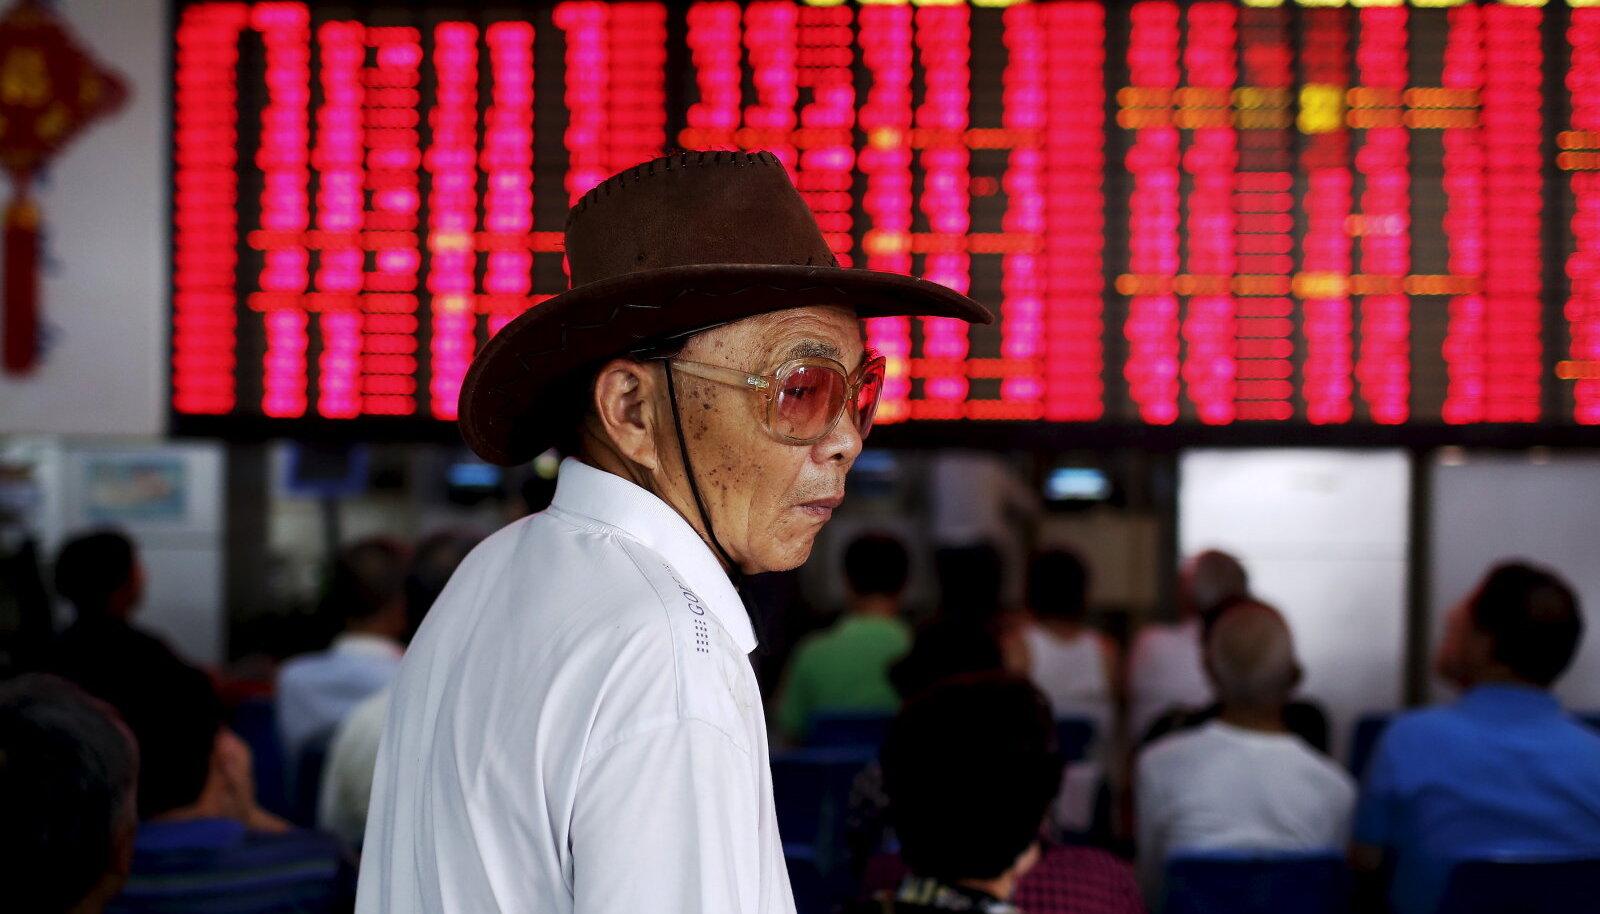 Hiina väikeinvestoritel on Ant Groupi IPO tõttu kiired päevad